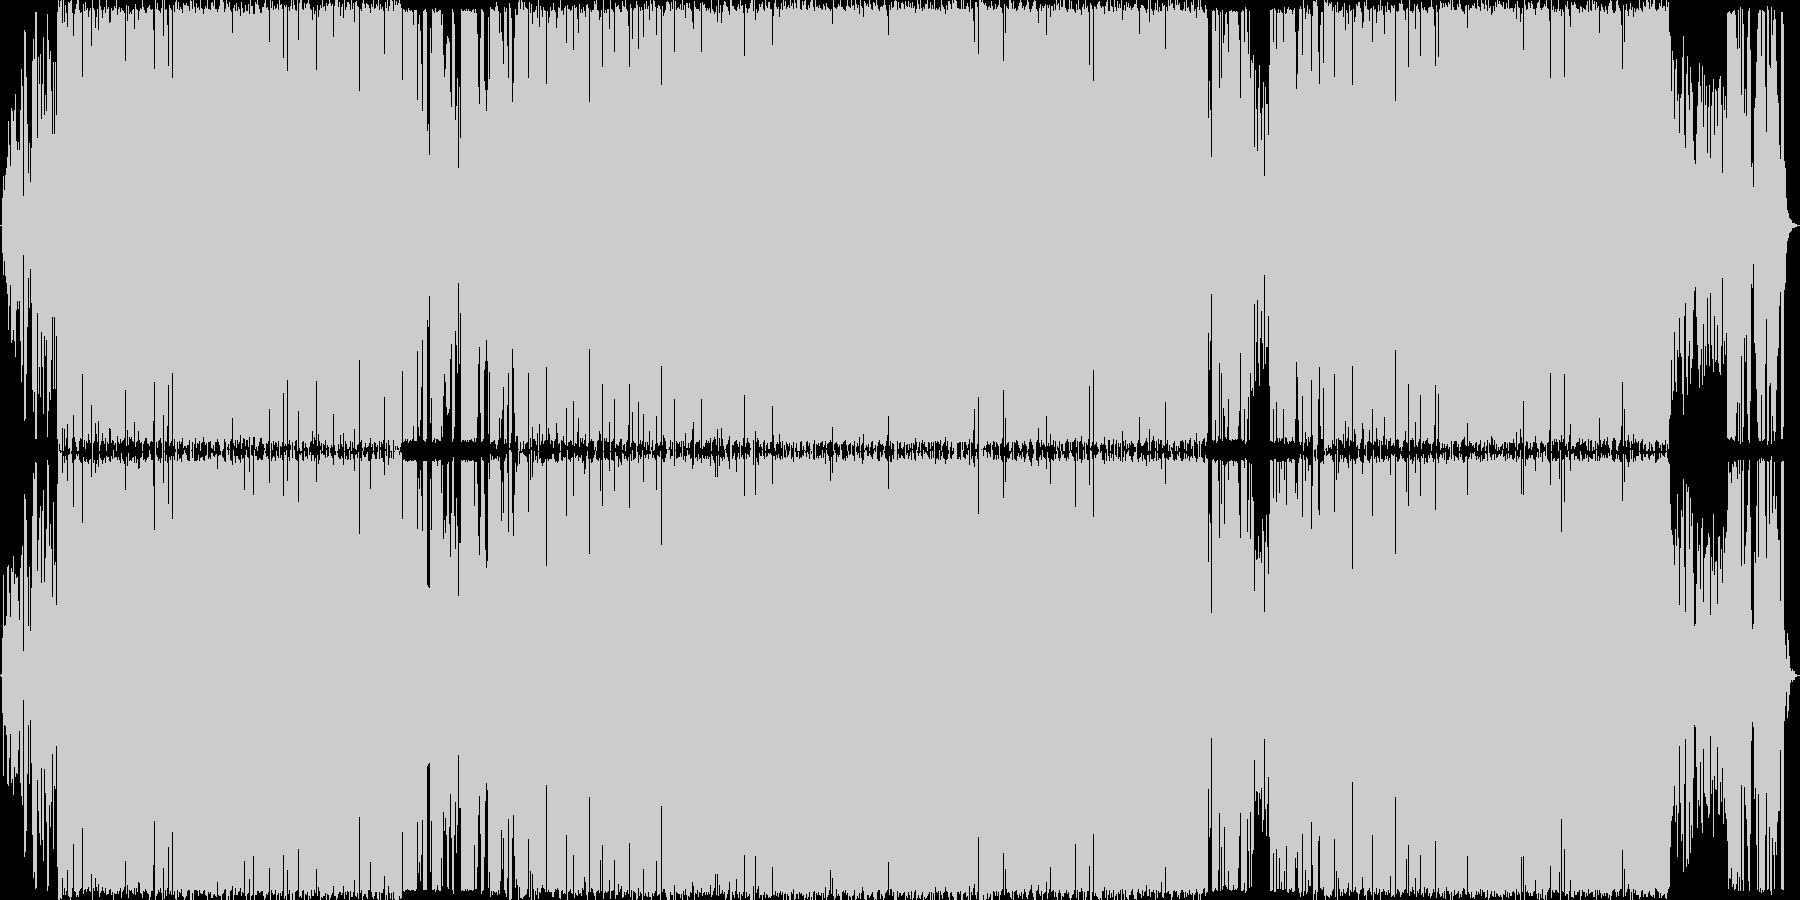 オシャレな洋楽EDMの未再生の波形